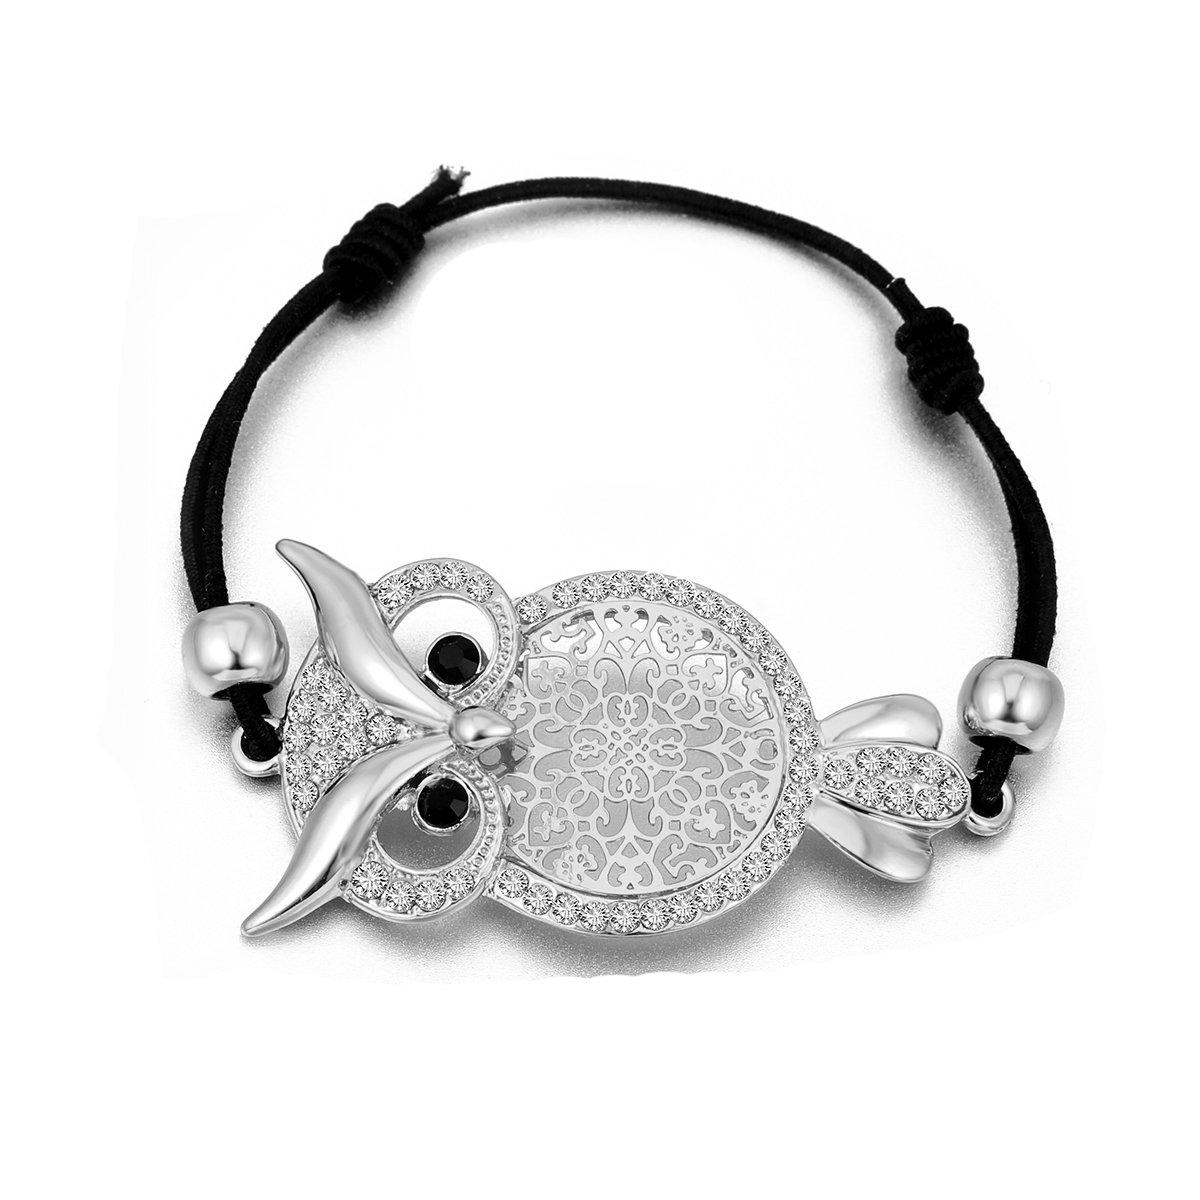 Pulsera de fascino delle donne, pulsera del Polsino del bú ho pulsera de amistad del pulsera de cera del pulsera de amistad punta con el cristal Ouran Jewelry SL04611